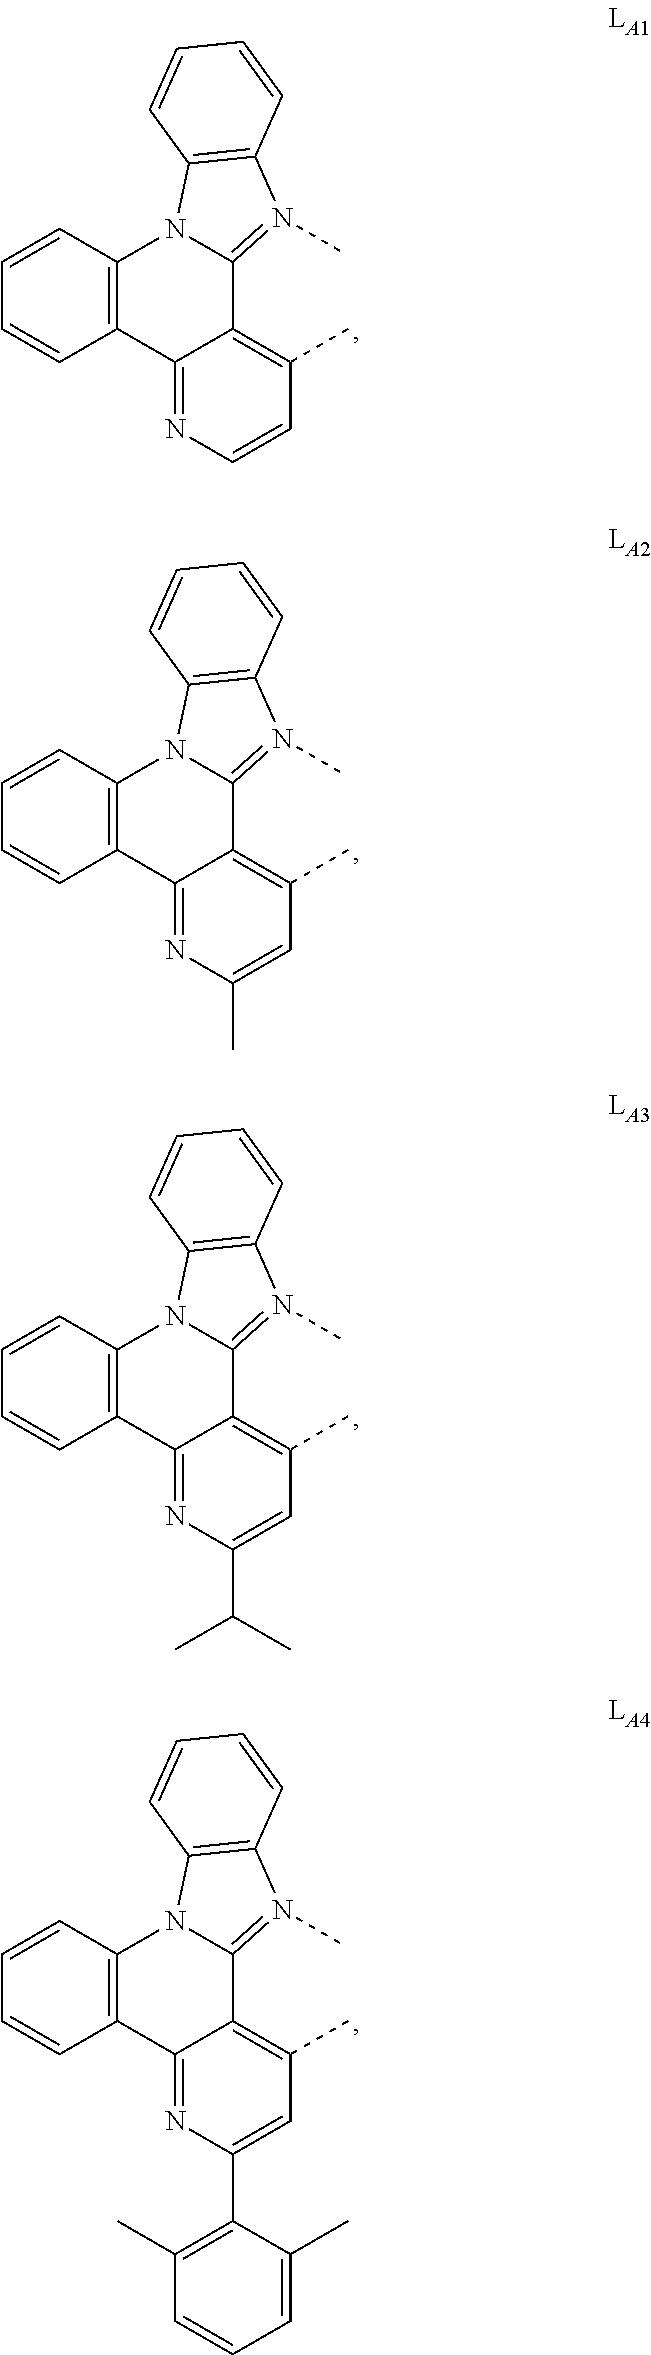 Figure US09905785-20180227-C00024